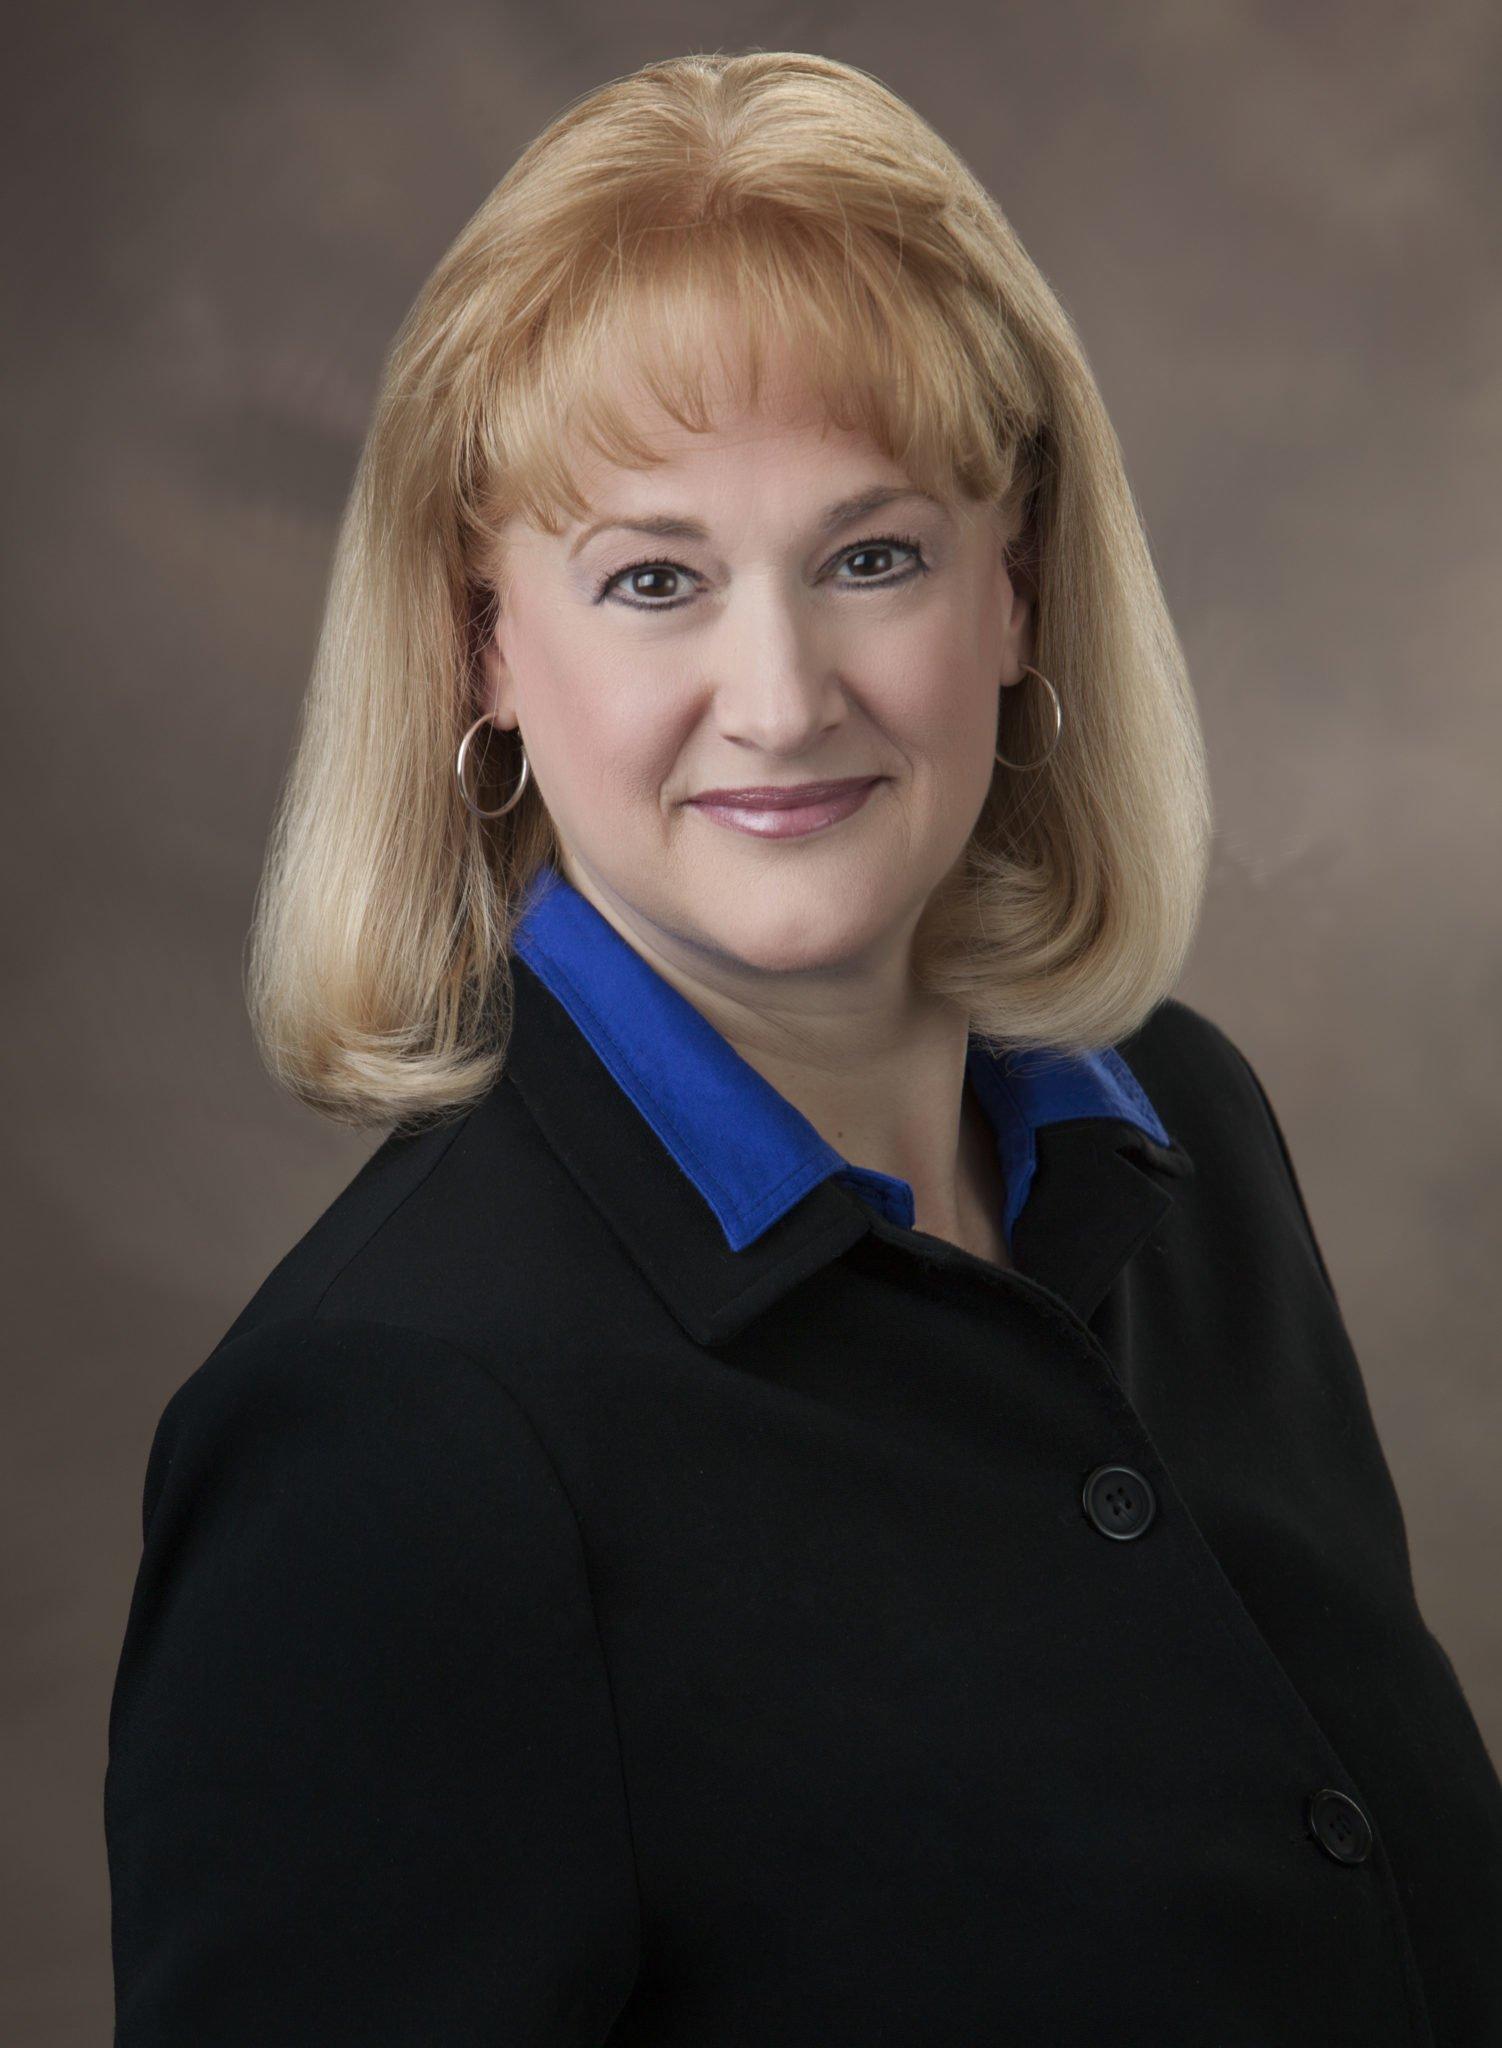 Cindy Libby